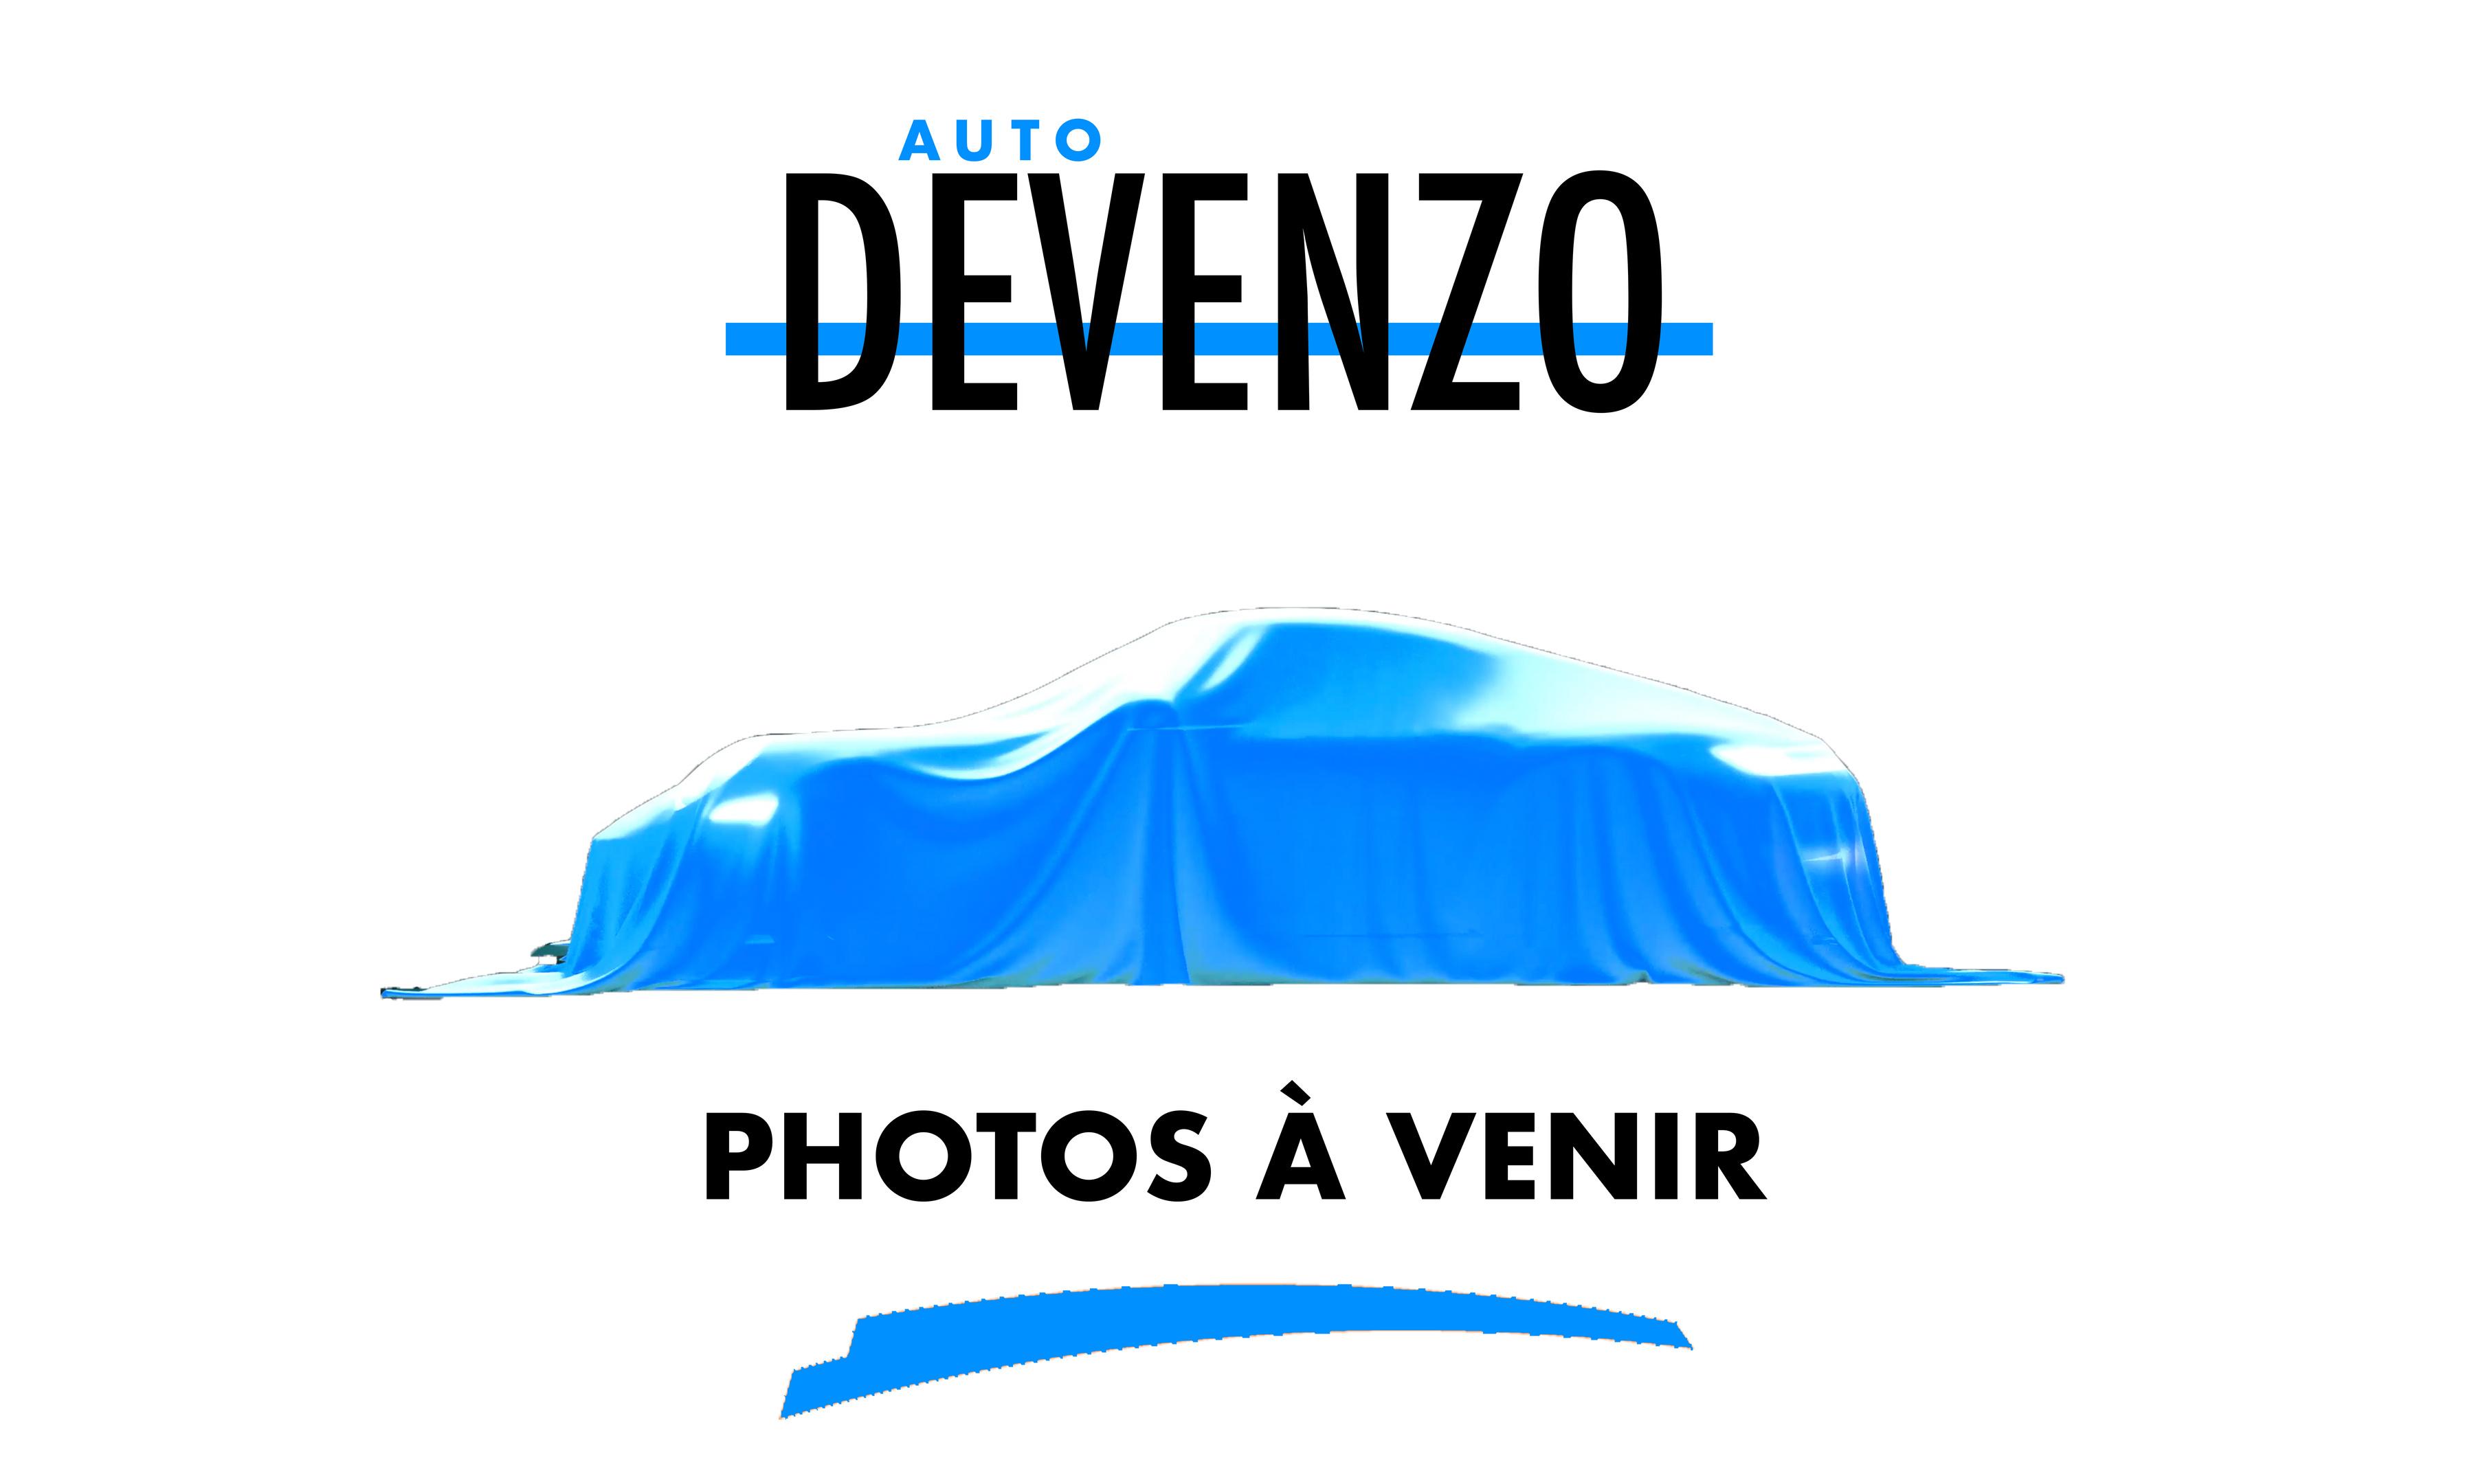 2017 Maserati Ghibli S Q4 3.0L 404hp Garantie Prolongée Decembre 2022 complet